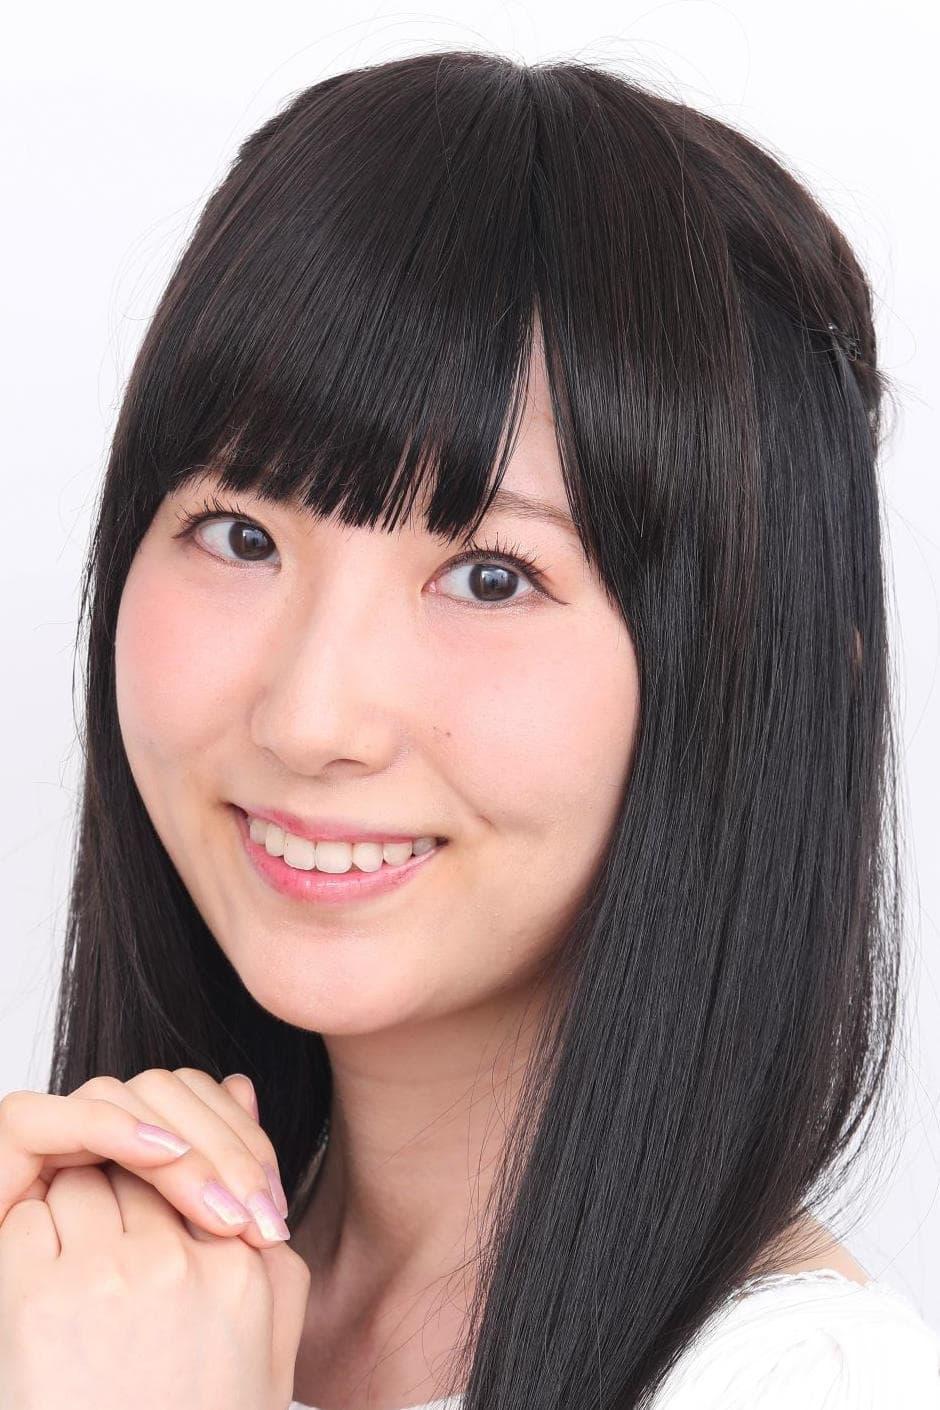 Yuka Iwahashi